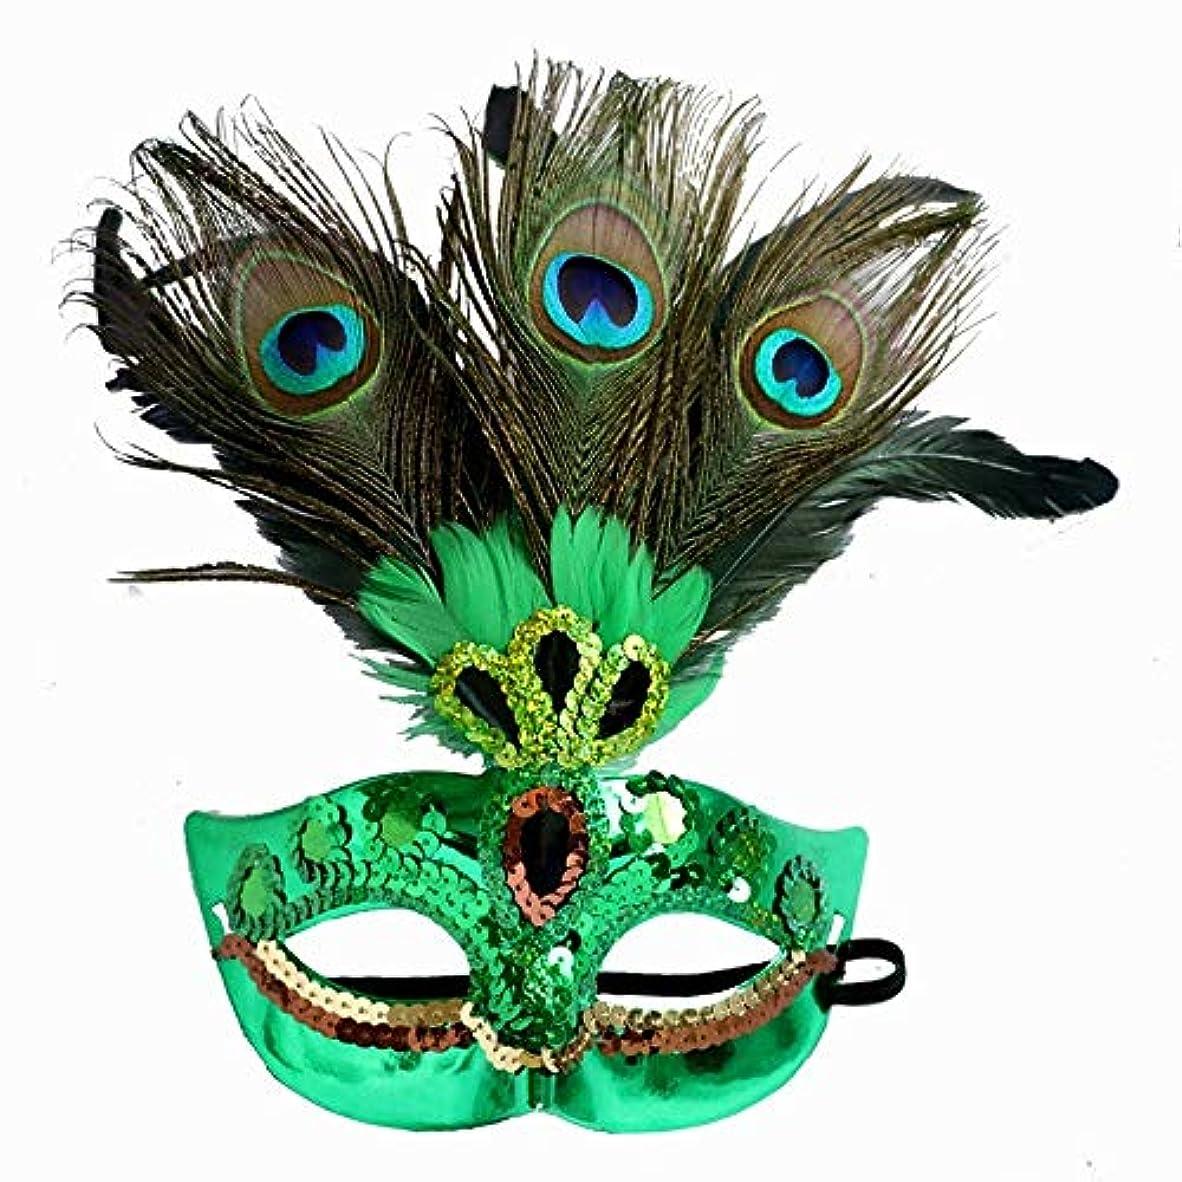 不道徳人に関する限り品ダンスマスク 仮面舞踏会マスククジャクの羽パーティー衣装ハロウィンマスクボール目猫女性マスクハーフマスク ホリデーパーティー用品 (色 : 緑, サイズ : 18x25cm)